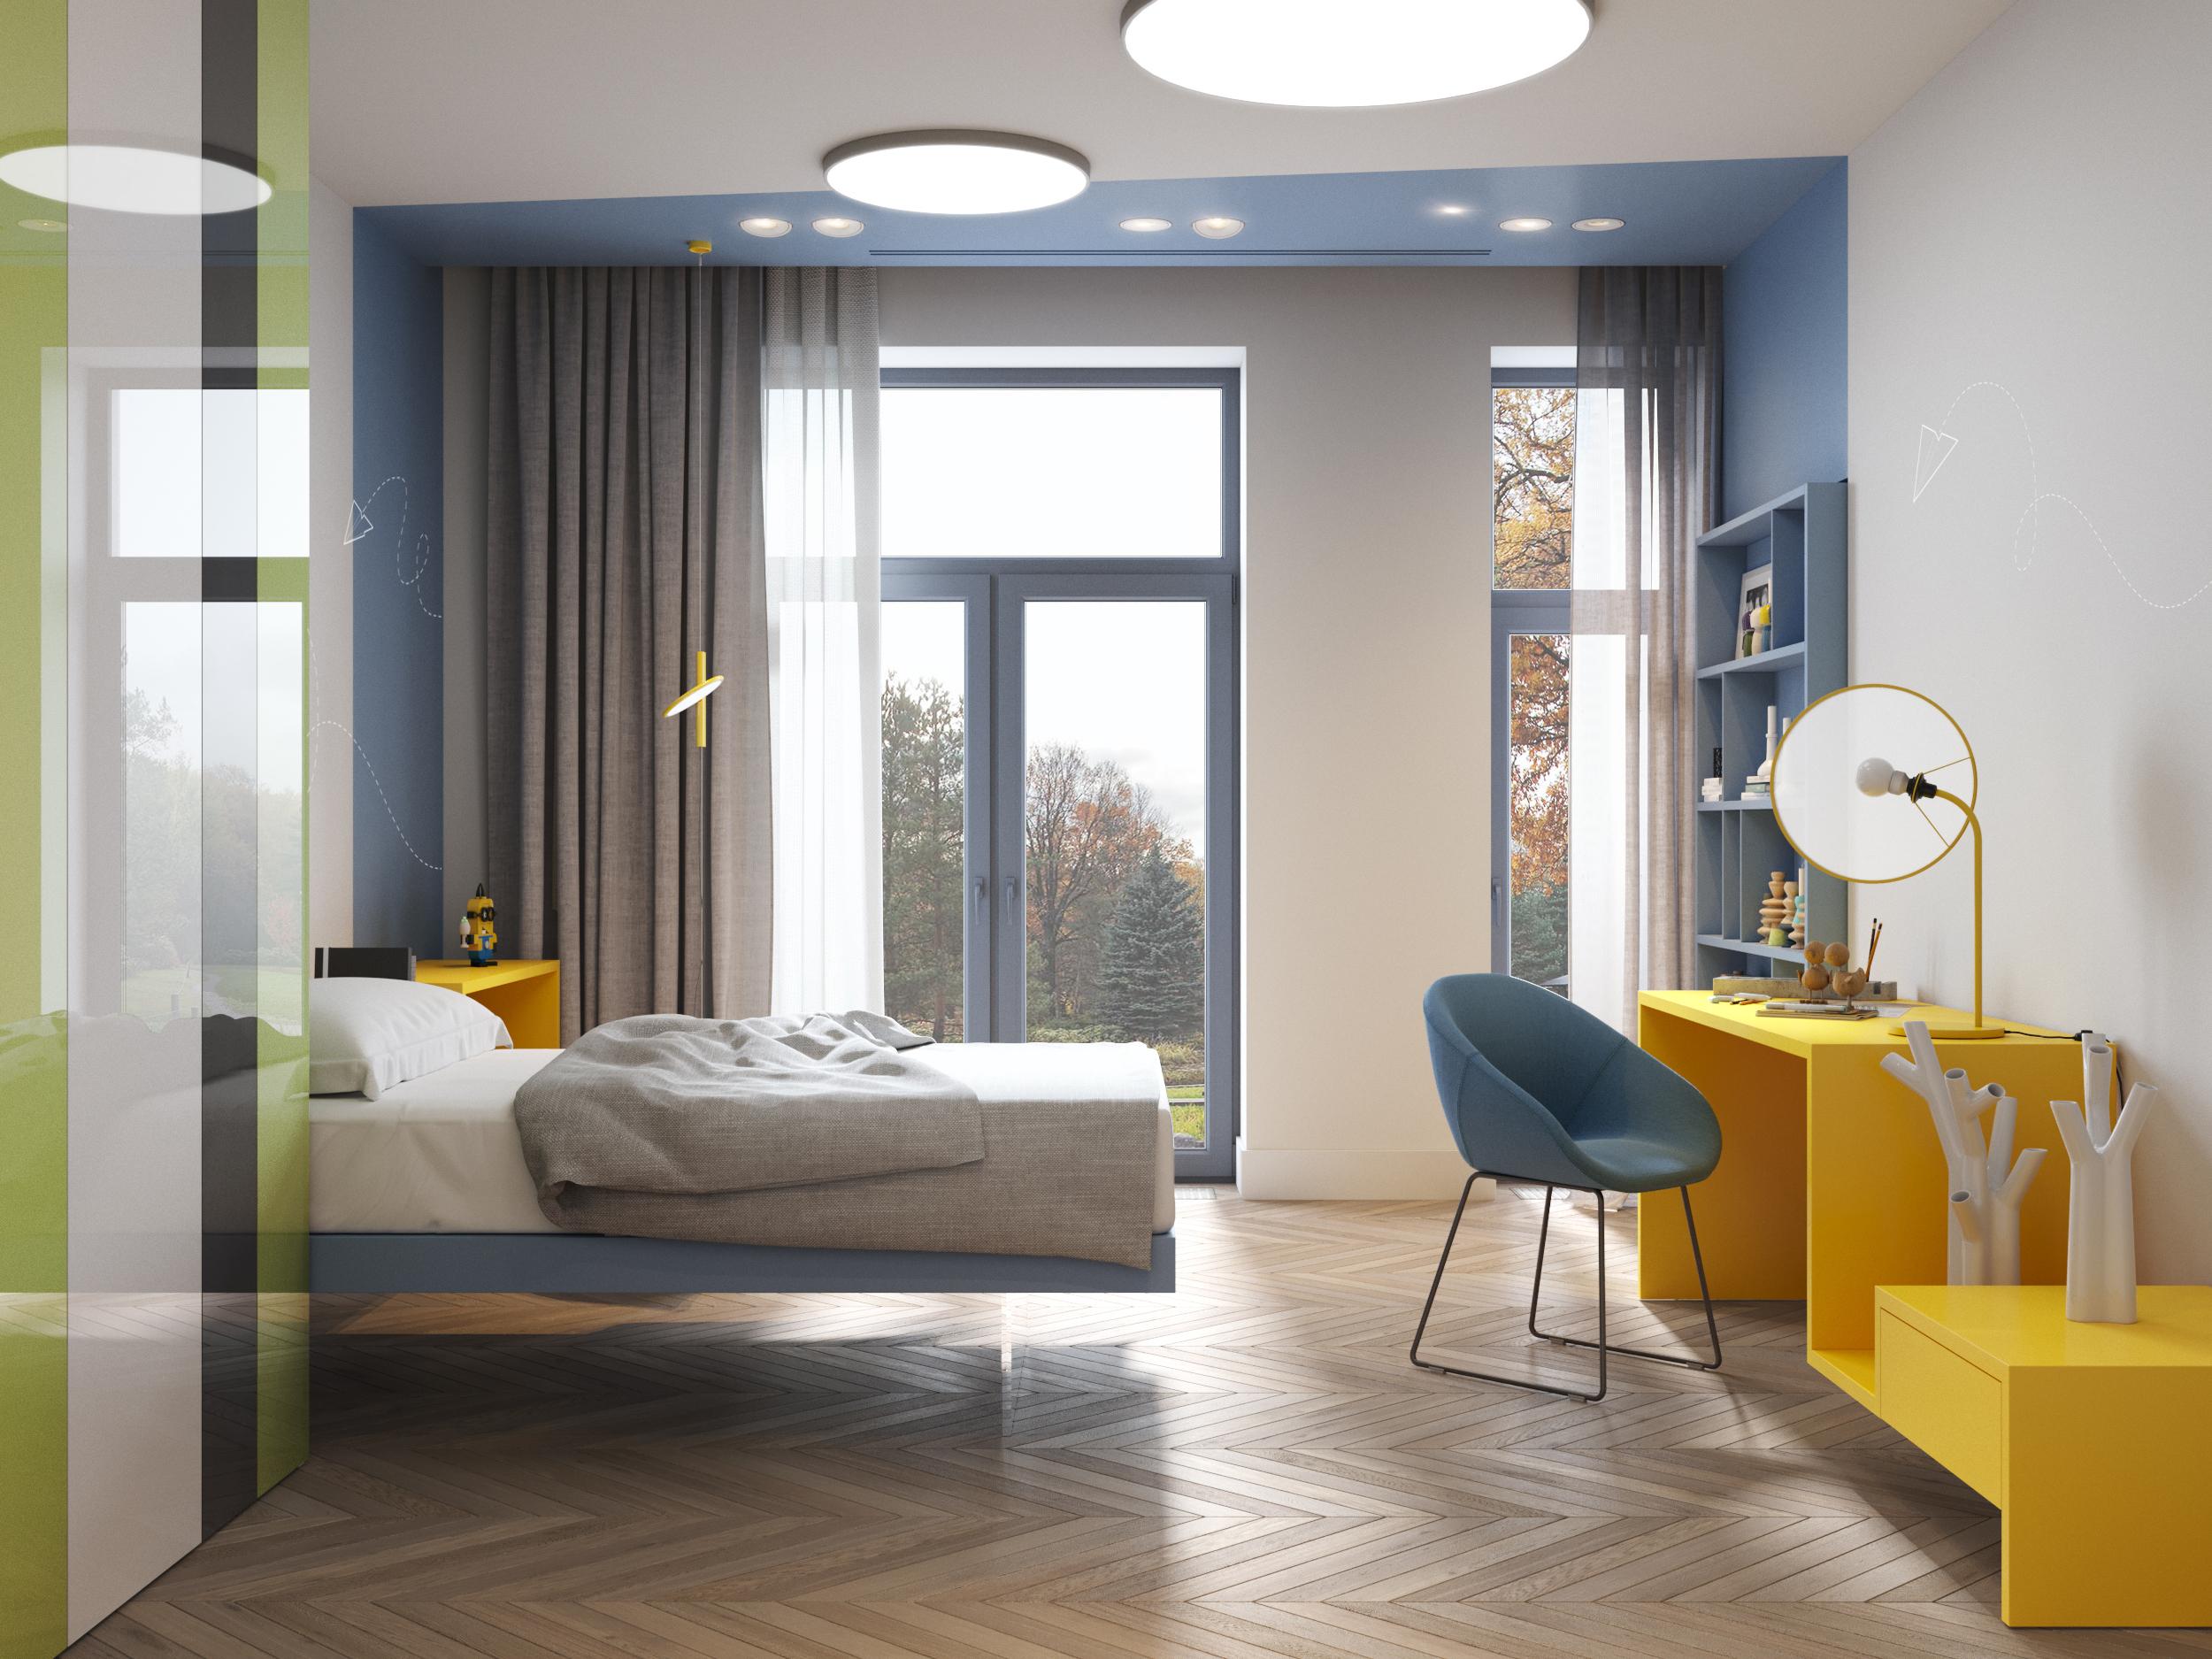 国际资讯_莫斯科私人住宅室内设计欣赏 - 视觉同盟(VisionUnion.com)